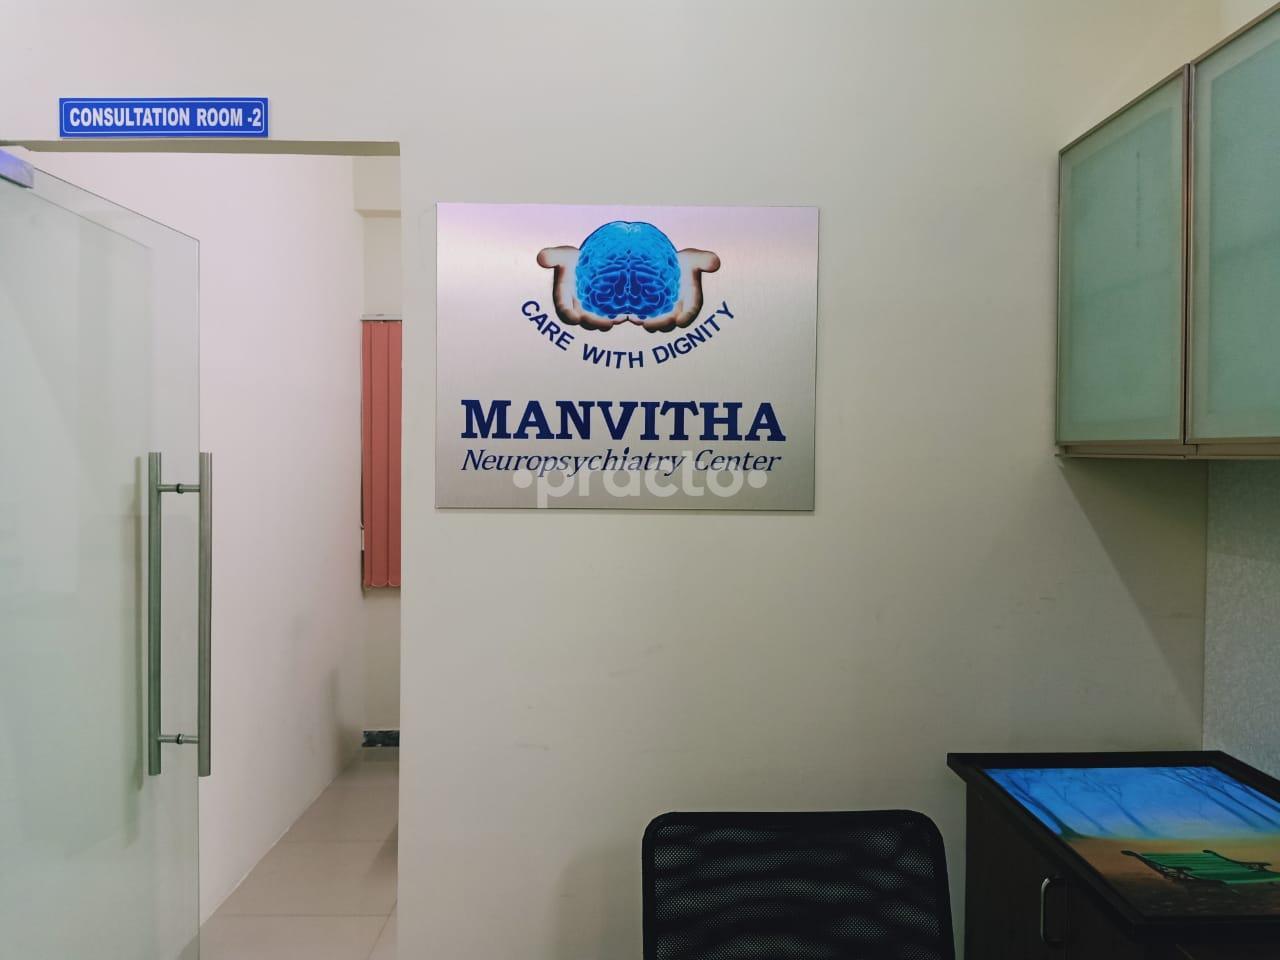 Manvitha Neuropsychiatry Center